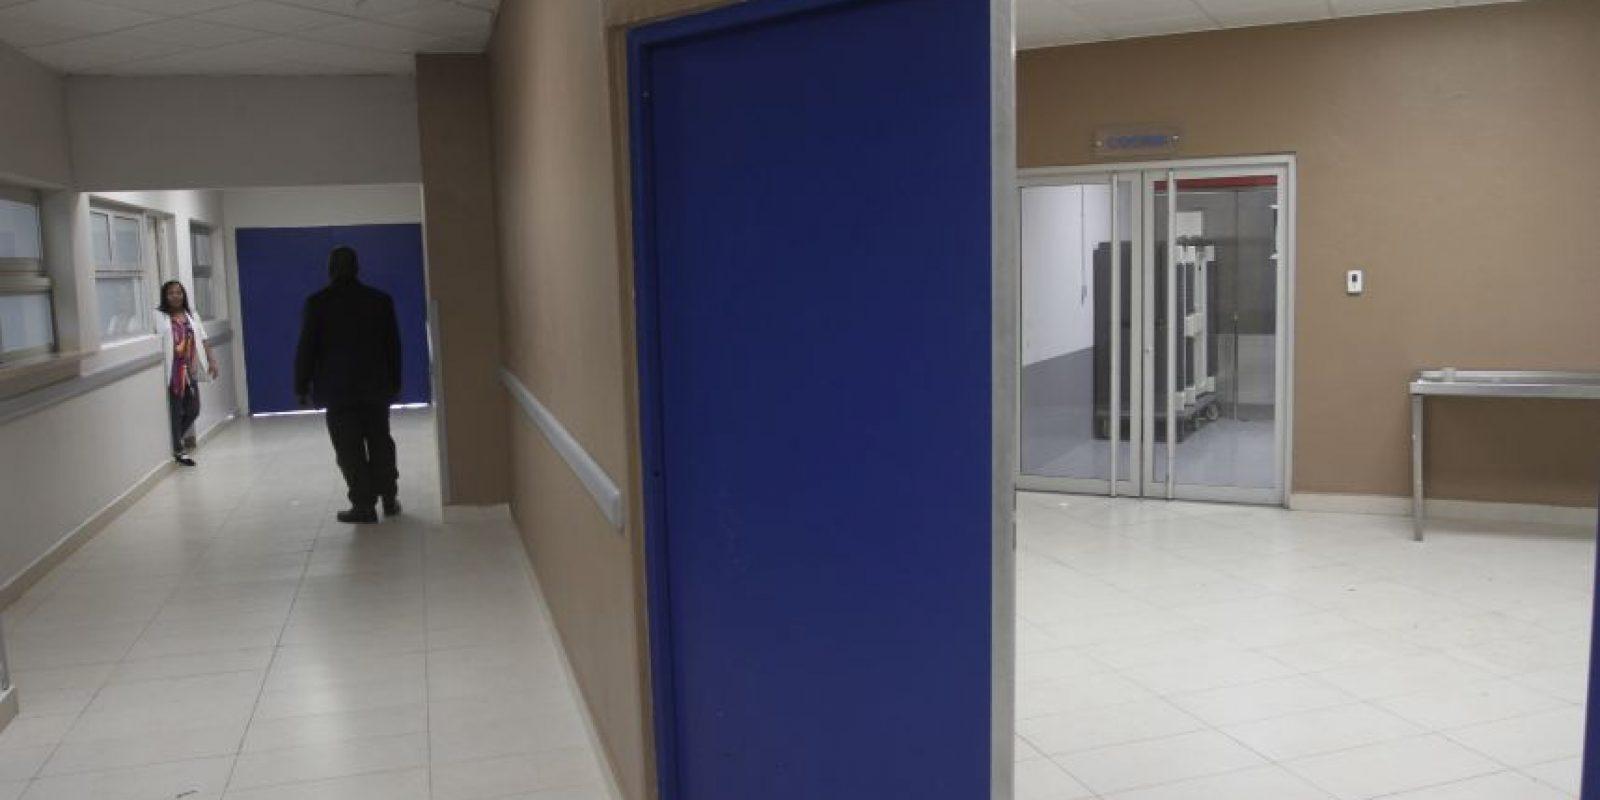 Muestra de la proximidad que existe entre la morgue y la cocina del centro de salud.